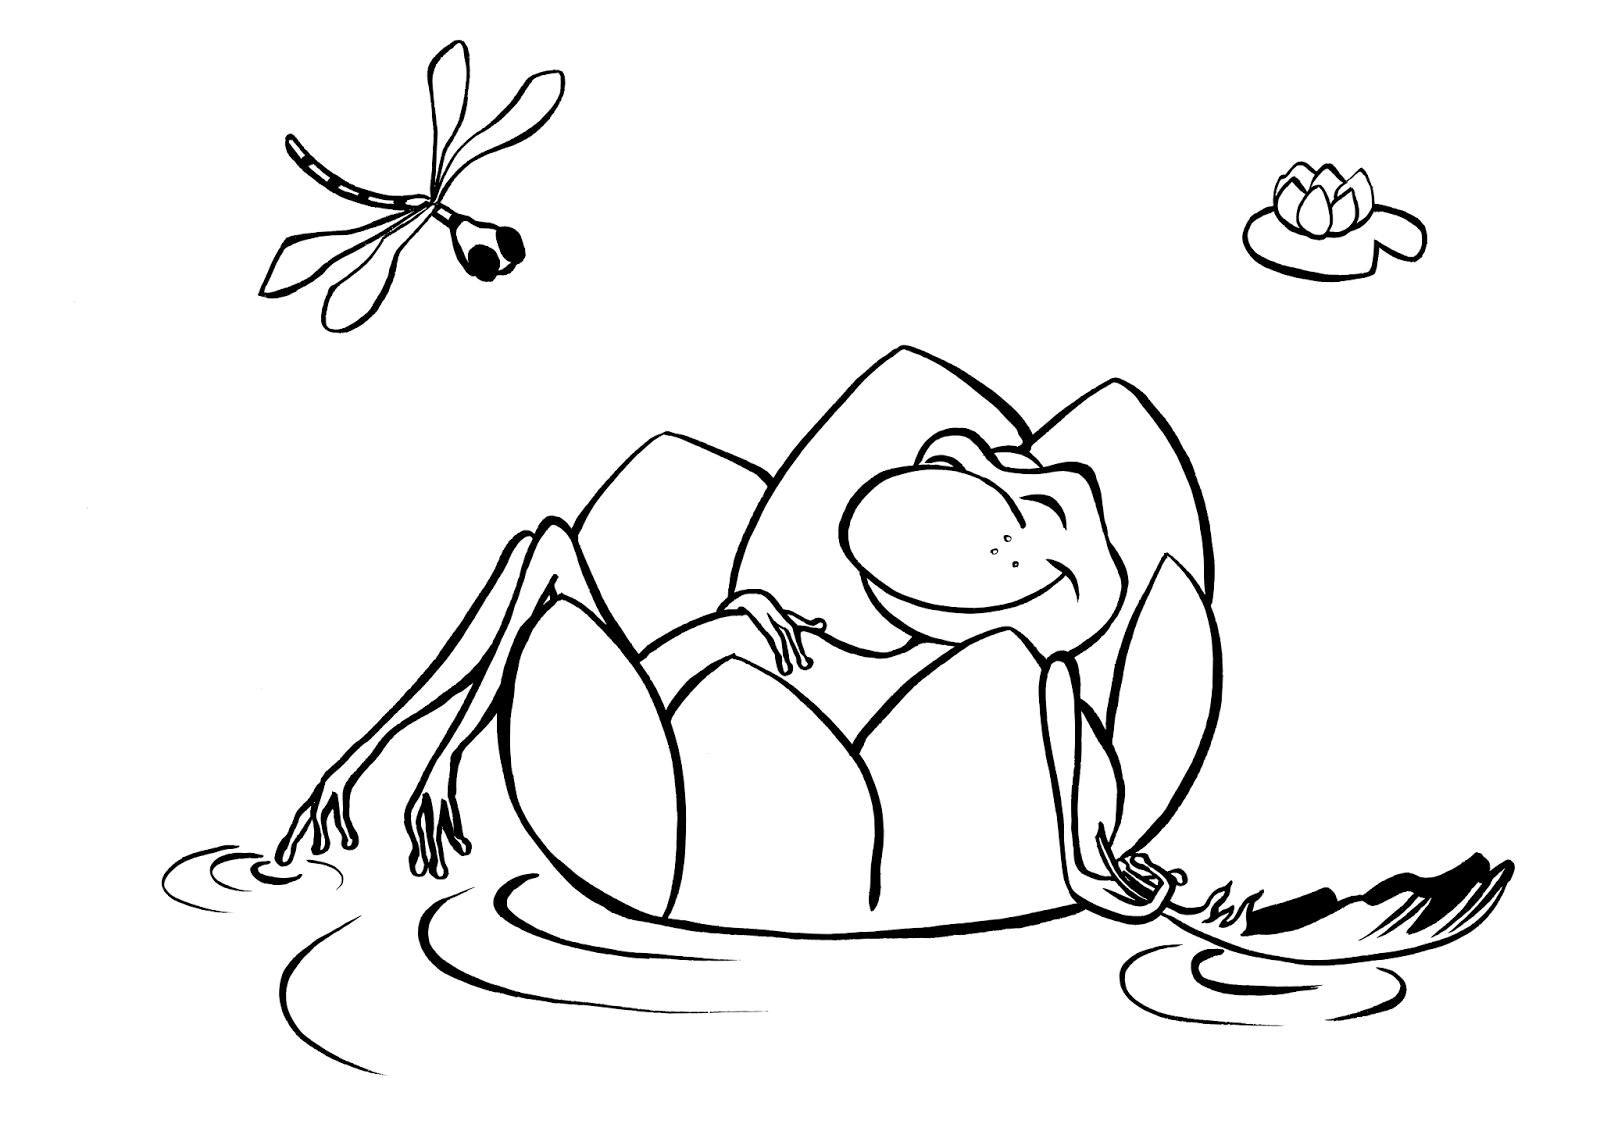 Dessin grenouille colorier - Grenouille a colorier ...